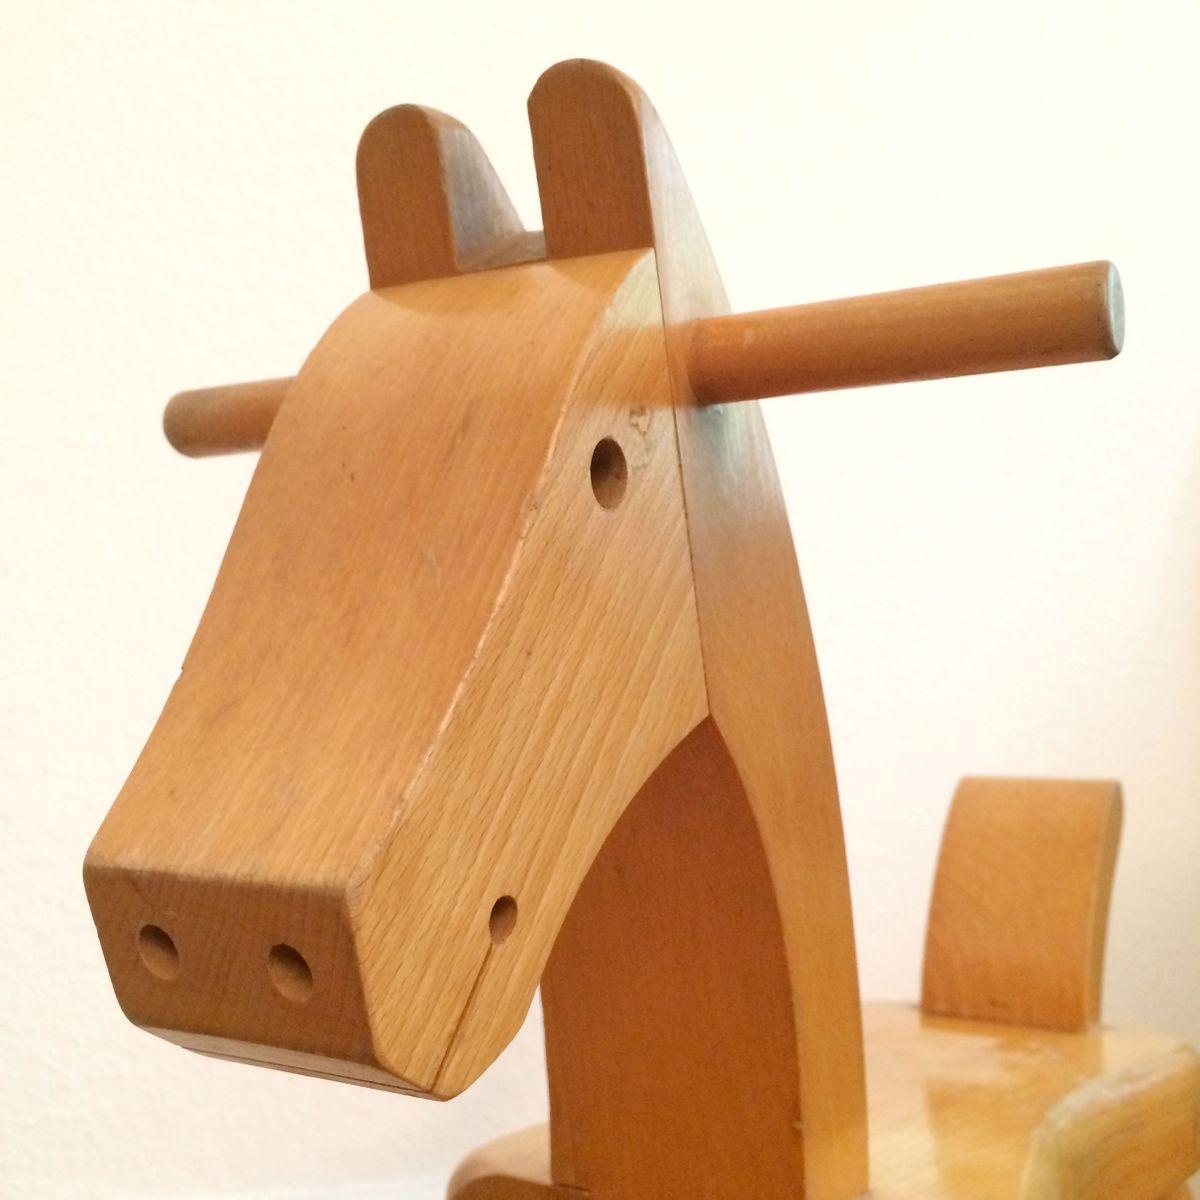 Bau von Kanustreifen aus Holz